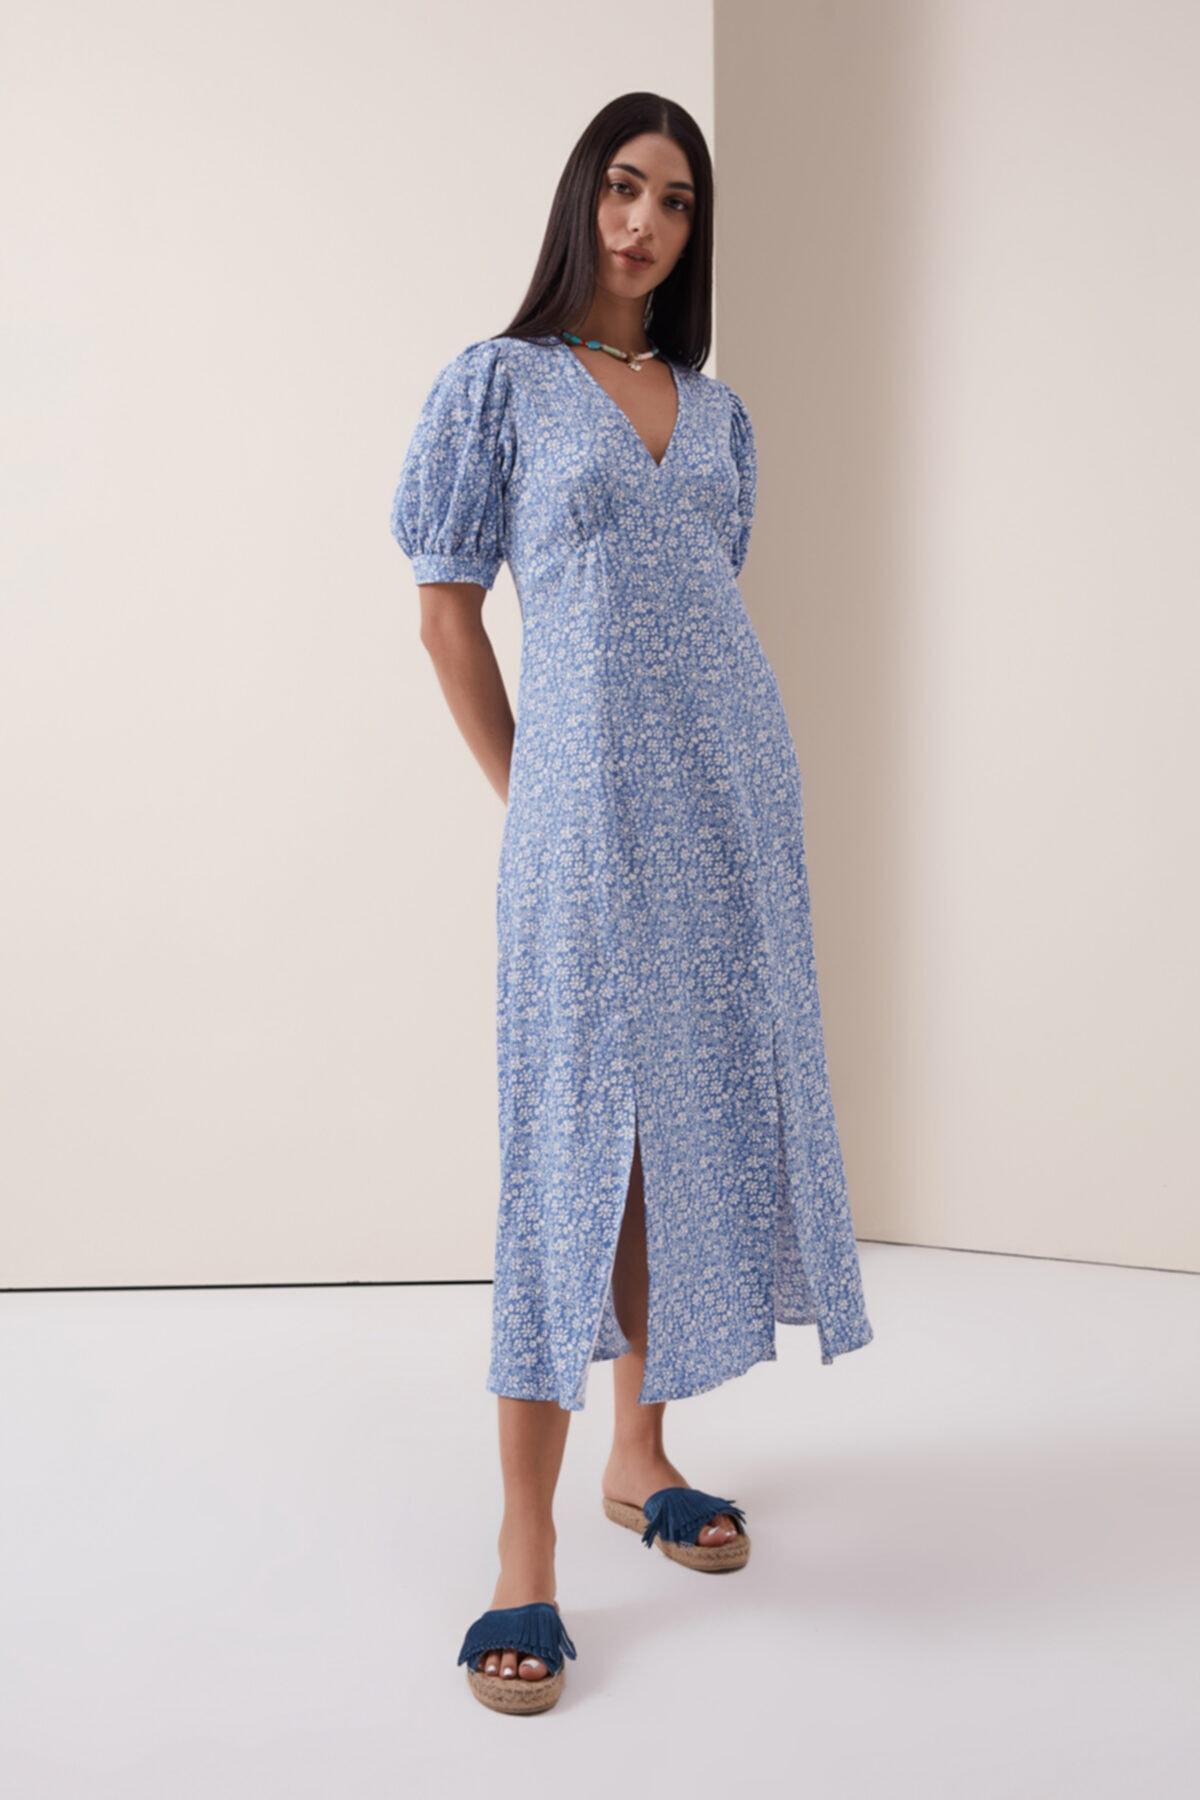 Çıtır Çiçek Desenli V Yaka Elbise - Mavi